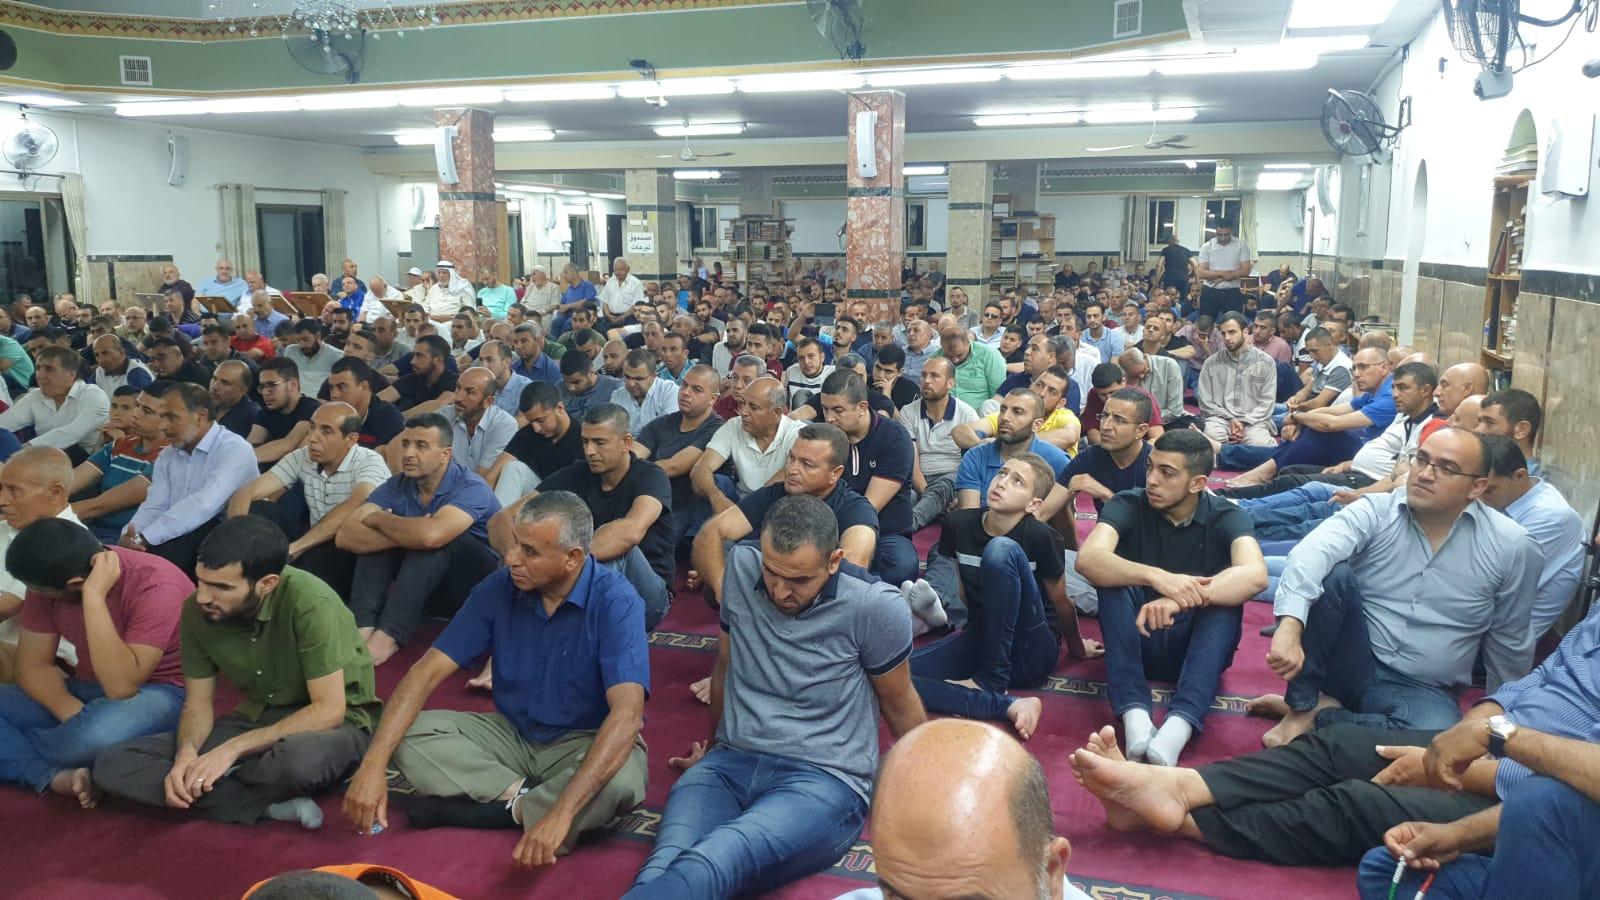 """Photo of كفر كنا: المئات يحيون ليلة السابع والعشرين من رمضان في مسجد """"عمر بن الخطاب"""""""